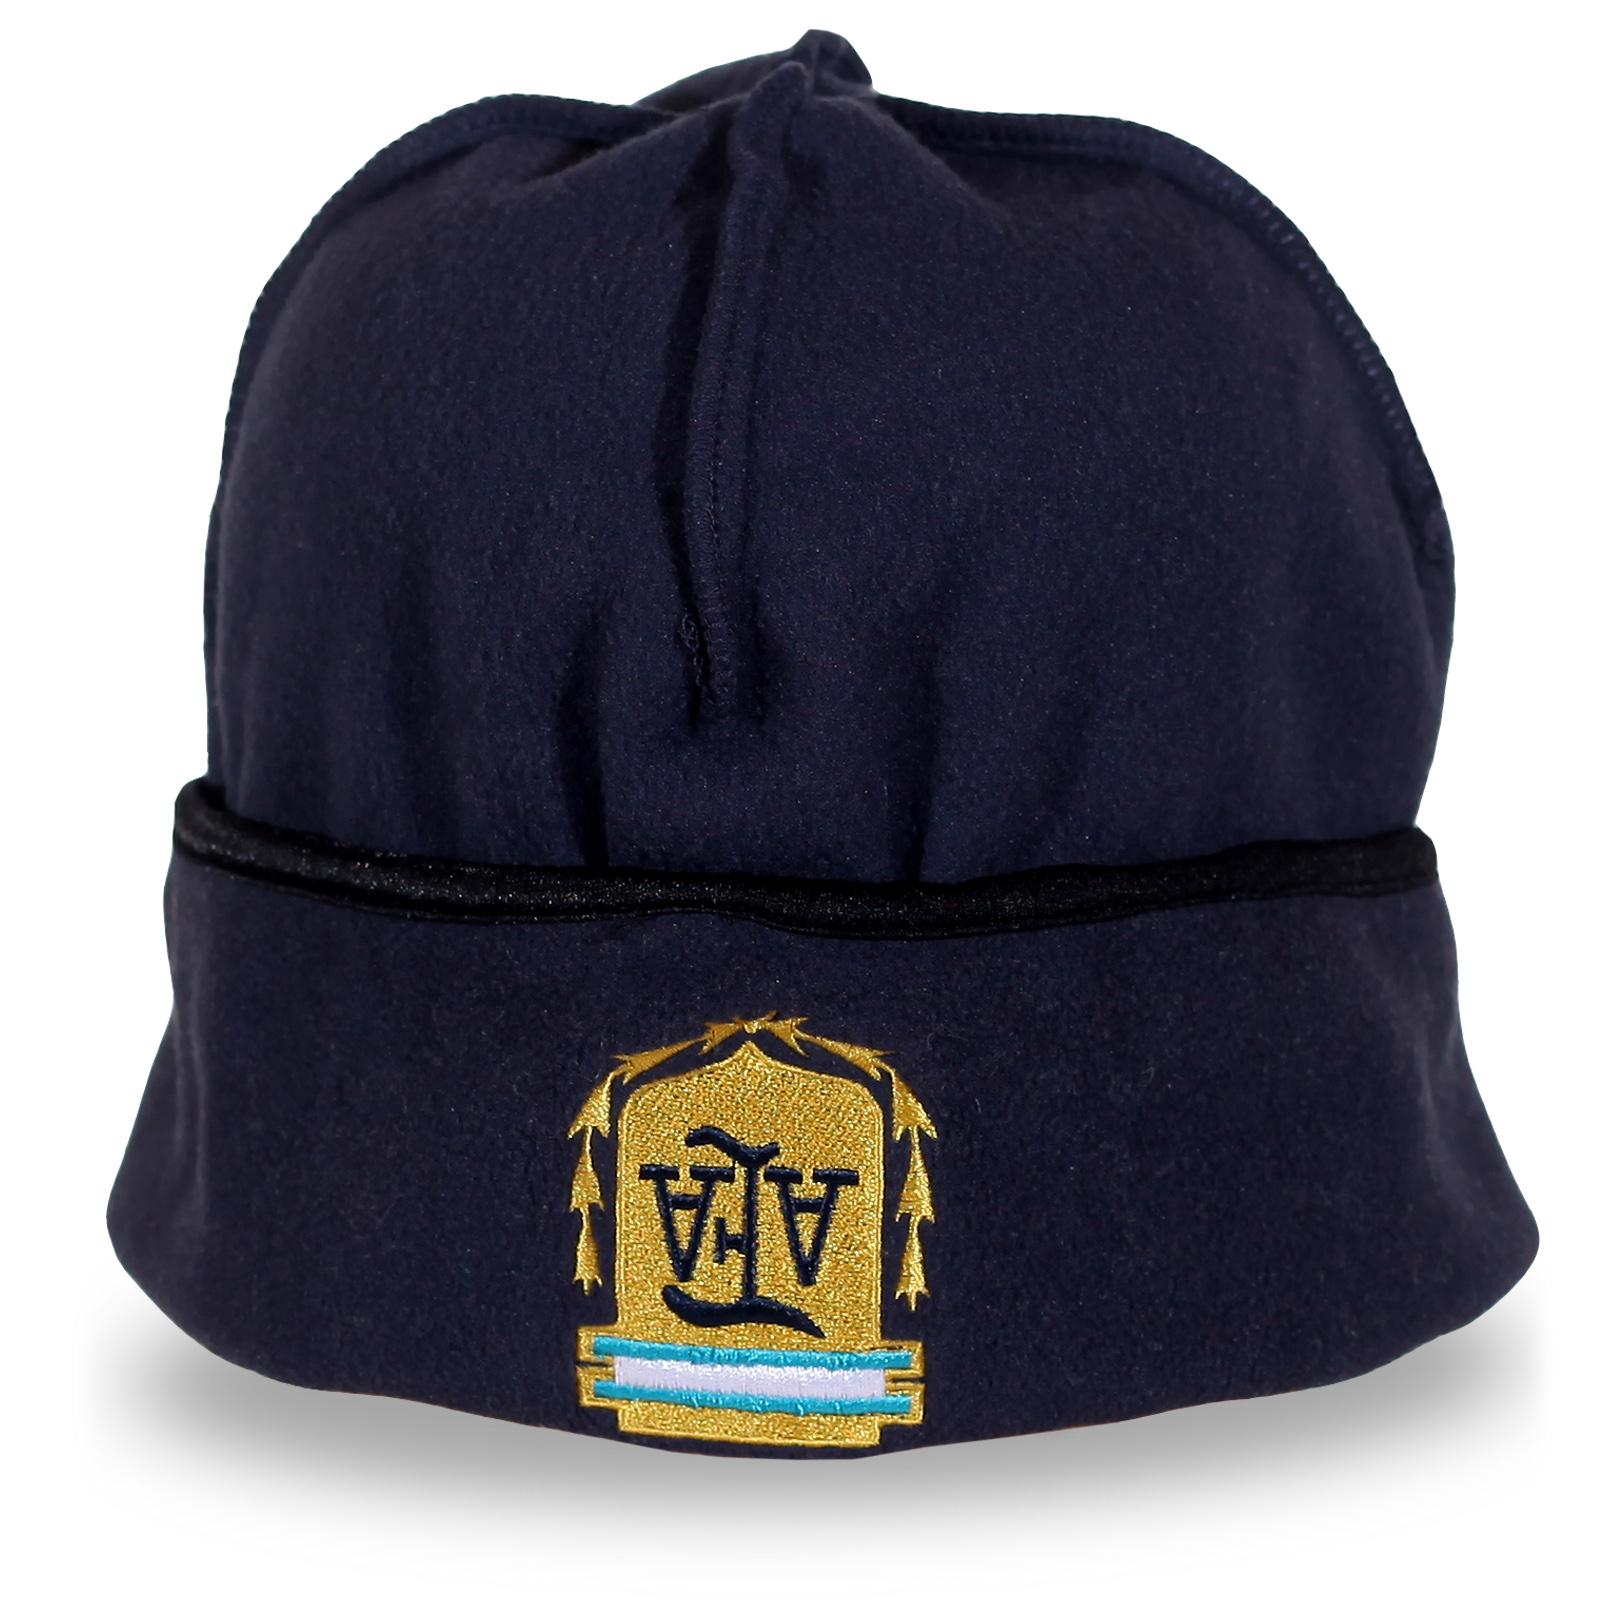 Темная шапка AEA